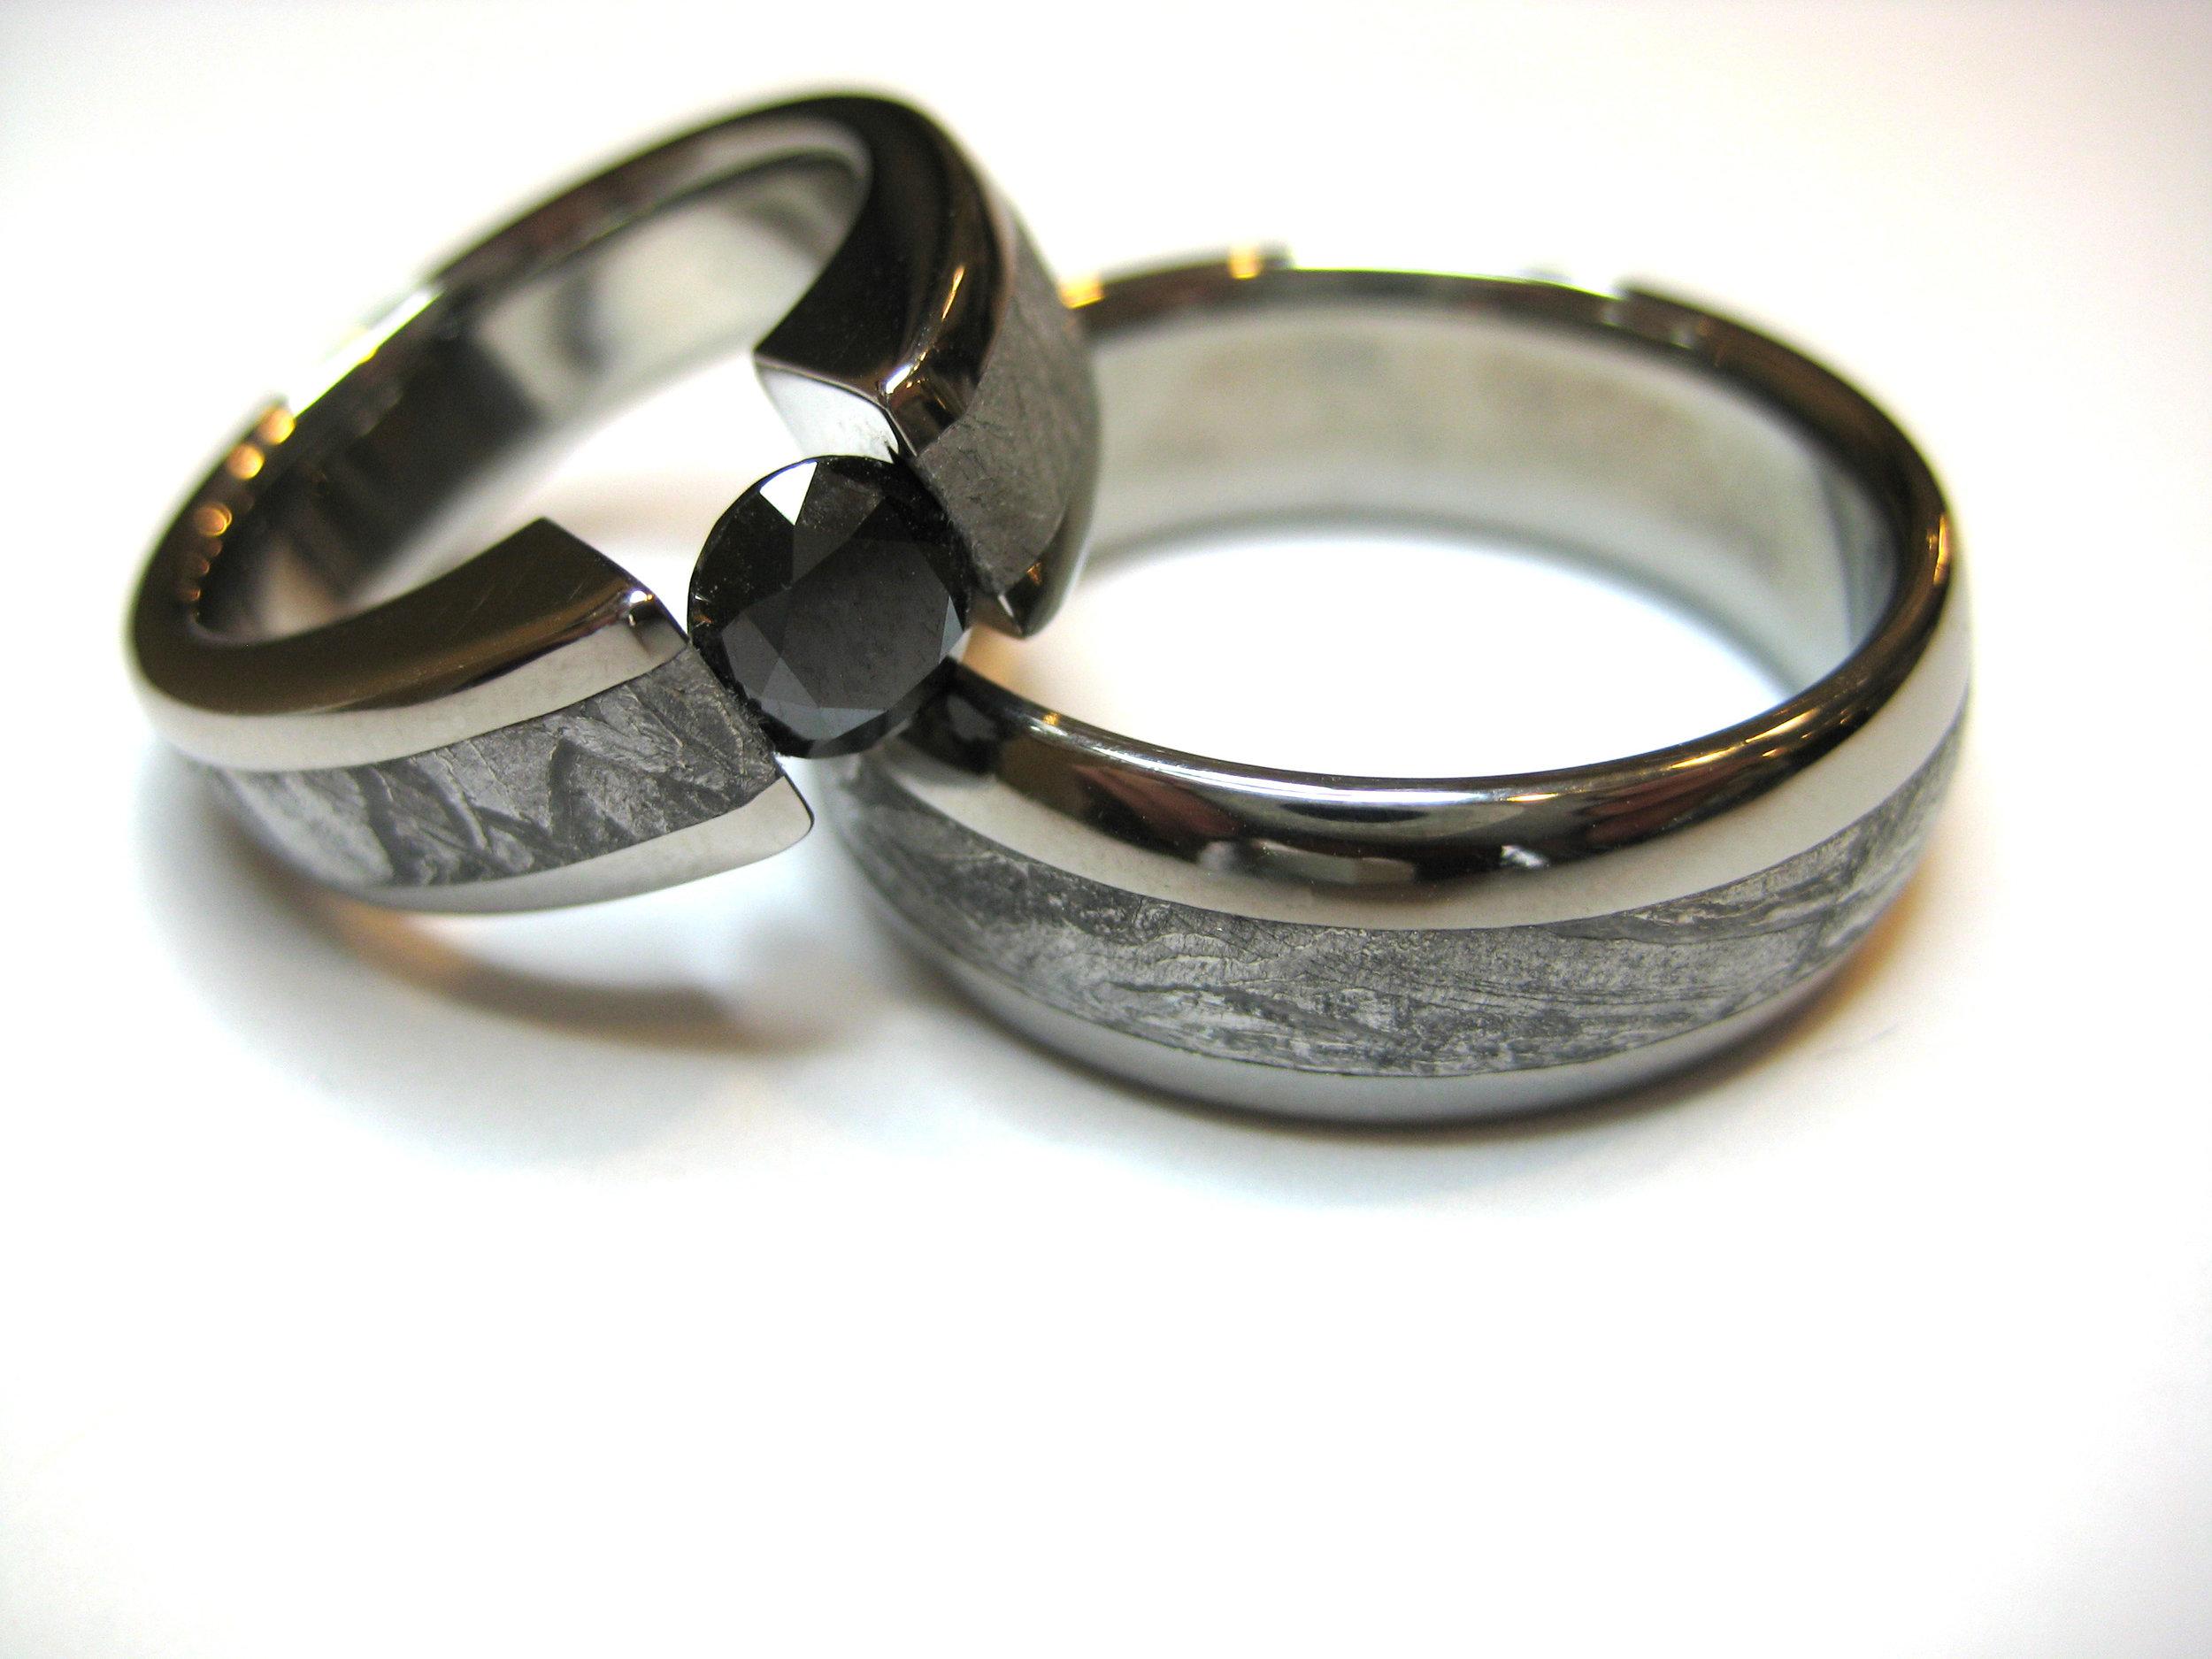 darvier-black-diamond-meteorite-tension-set-wedding-bands.JPG